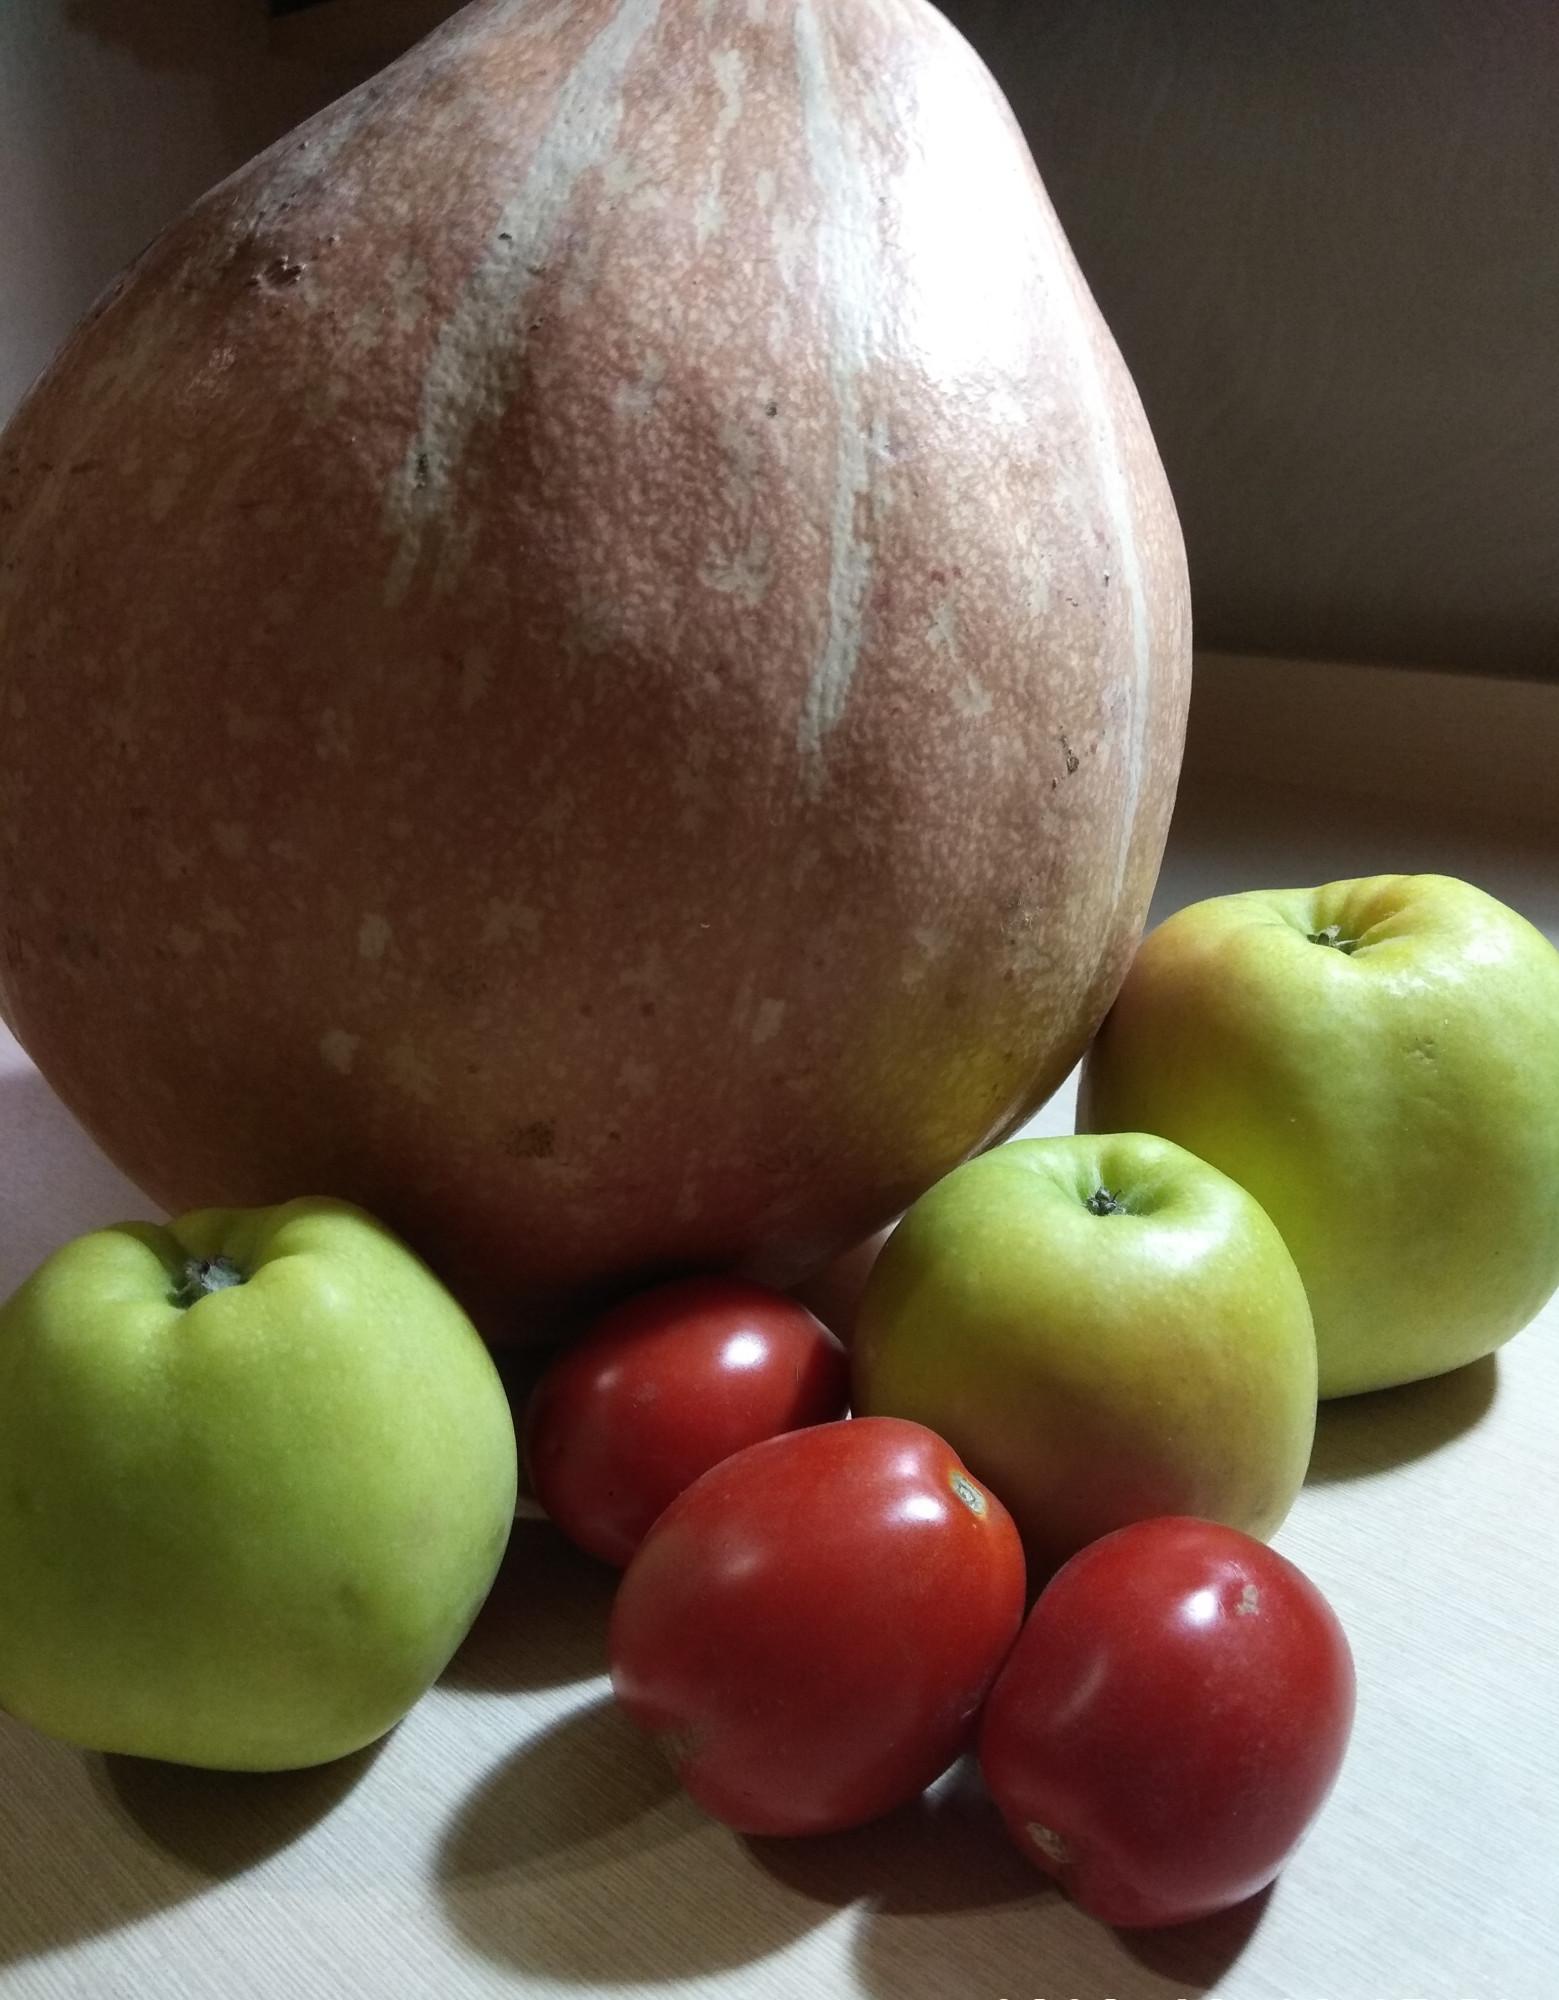 яблоки Орловский синап, помидоры по 45 рублей и тыковка